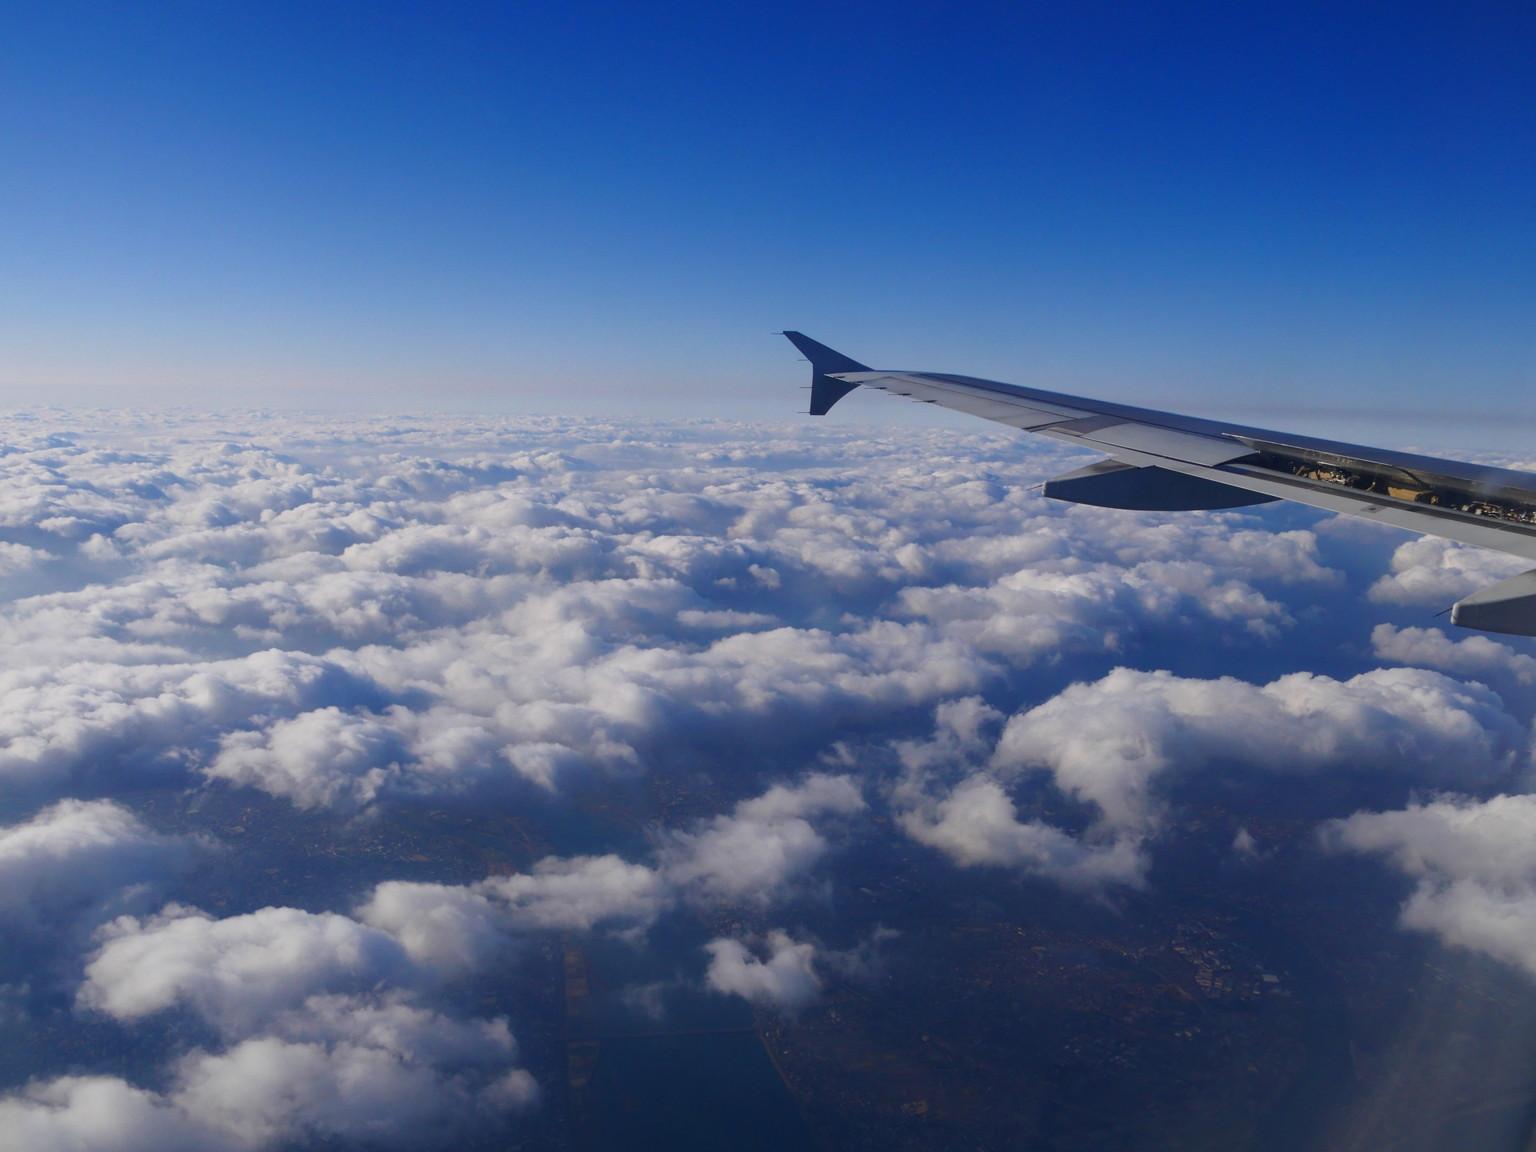 機内の窓からの景色